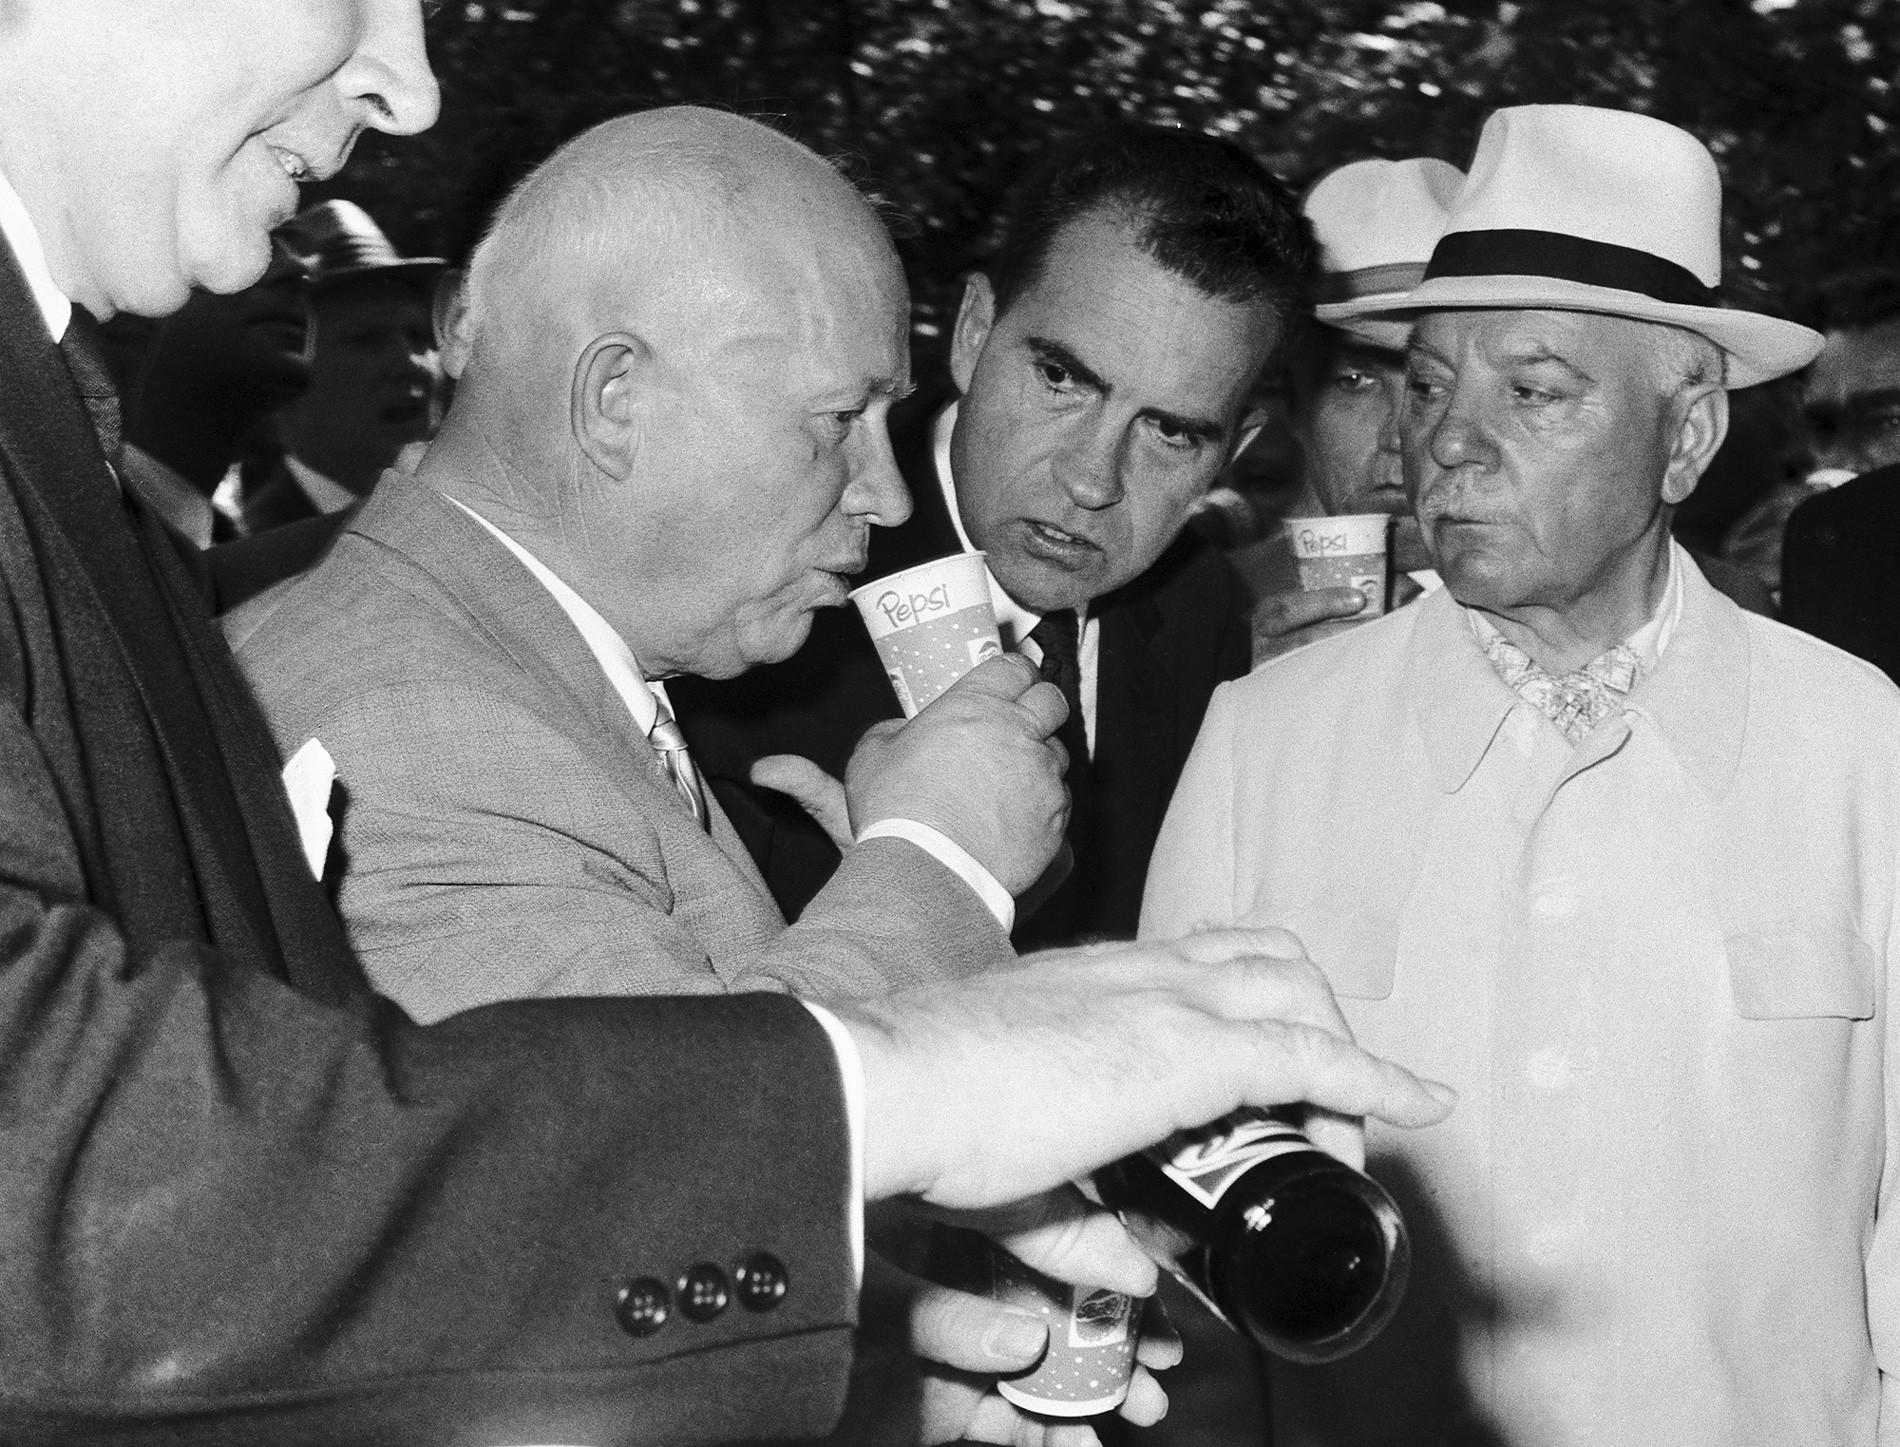 Moskva, Sovjetski Savez. Sovjetski premijer Nikita Hruščov ispija Pepsi pod budnim okom dopredsjednika SAD-a Richarda Nixona (u centru) i predsjednika SSSR-a Klimenta Vorošilova (desno) u parku